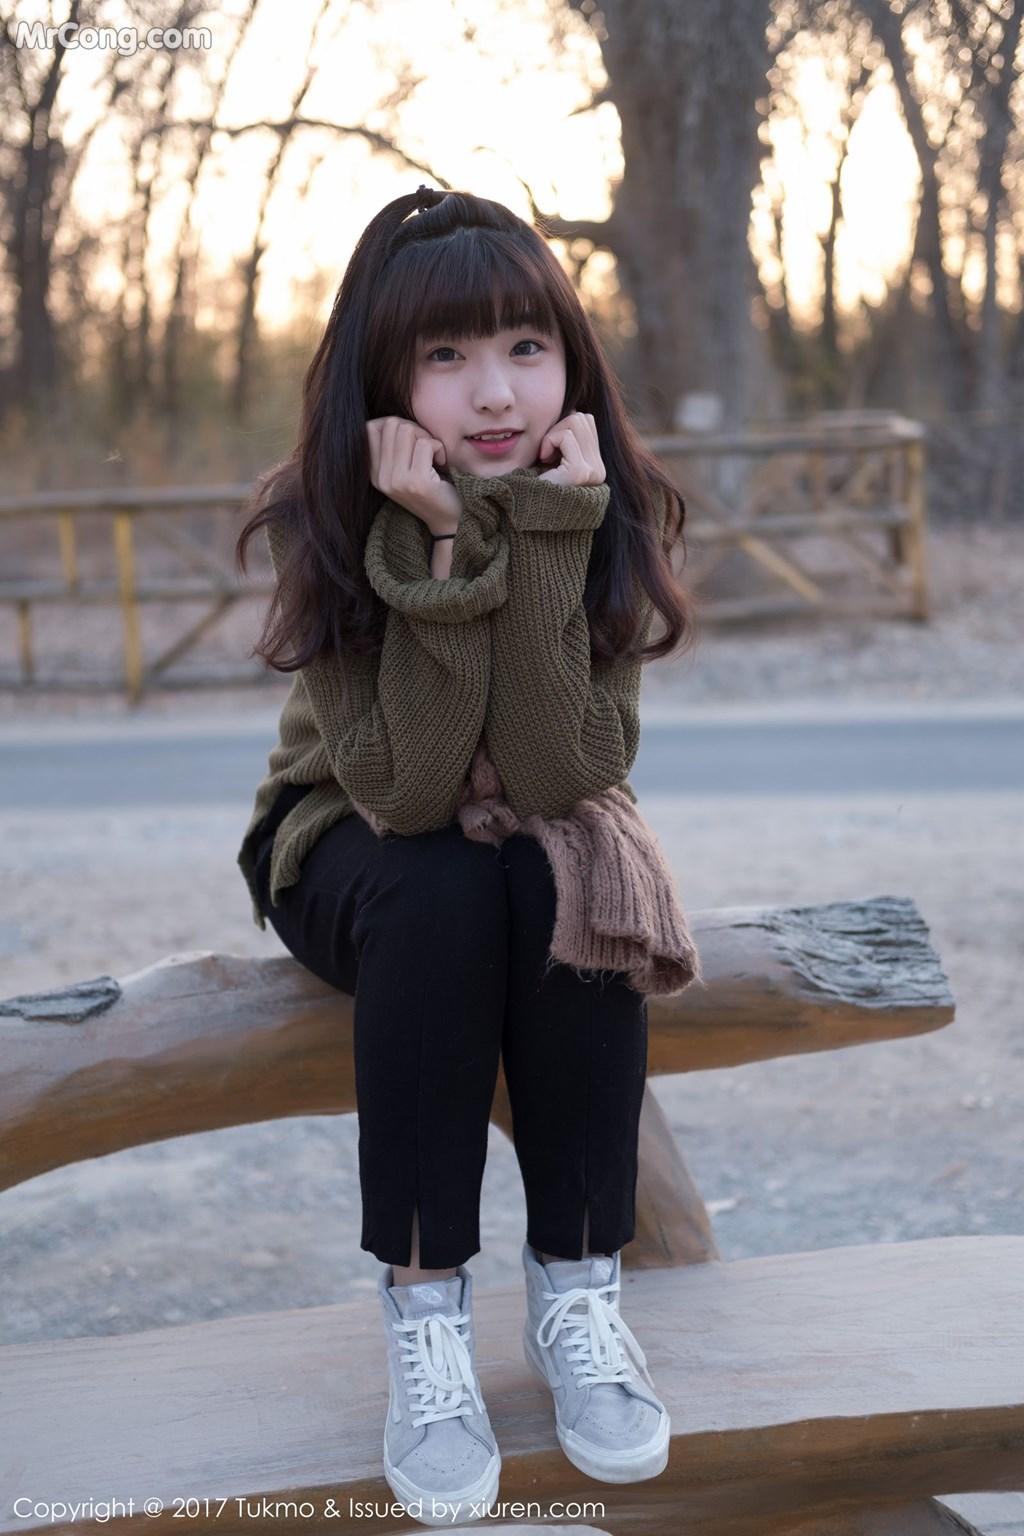 Image Tukmo-Vol.105-Qiu-Qiu-MrCong.com-008 in post Tukmo Vol.105: Người mẫu Qiu Qiu (球球) (41 ảnh)